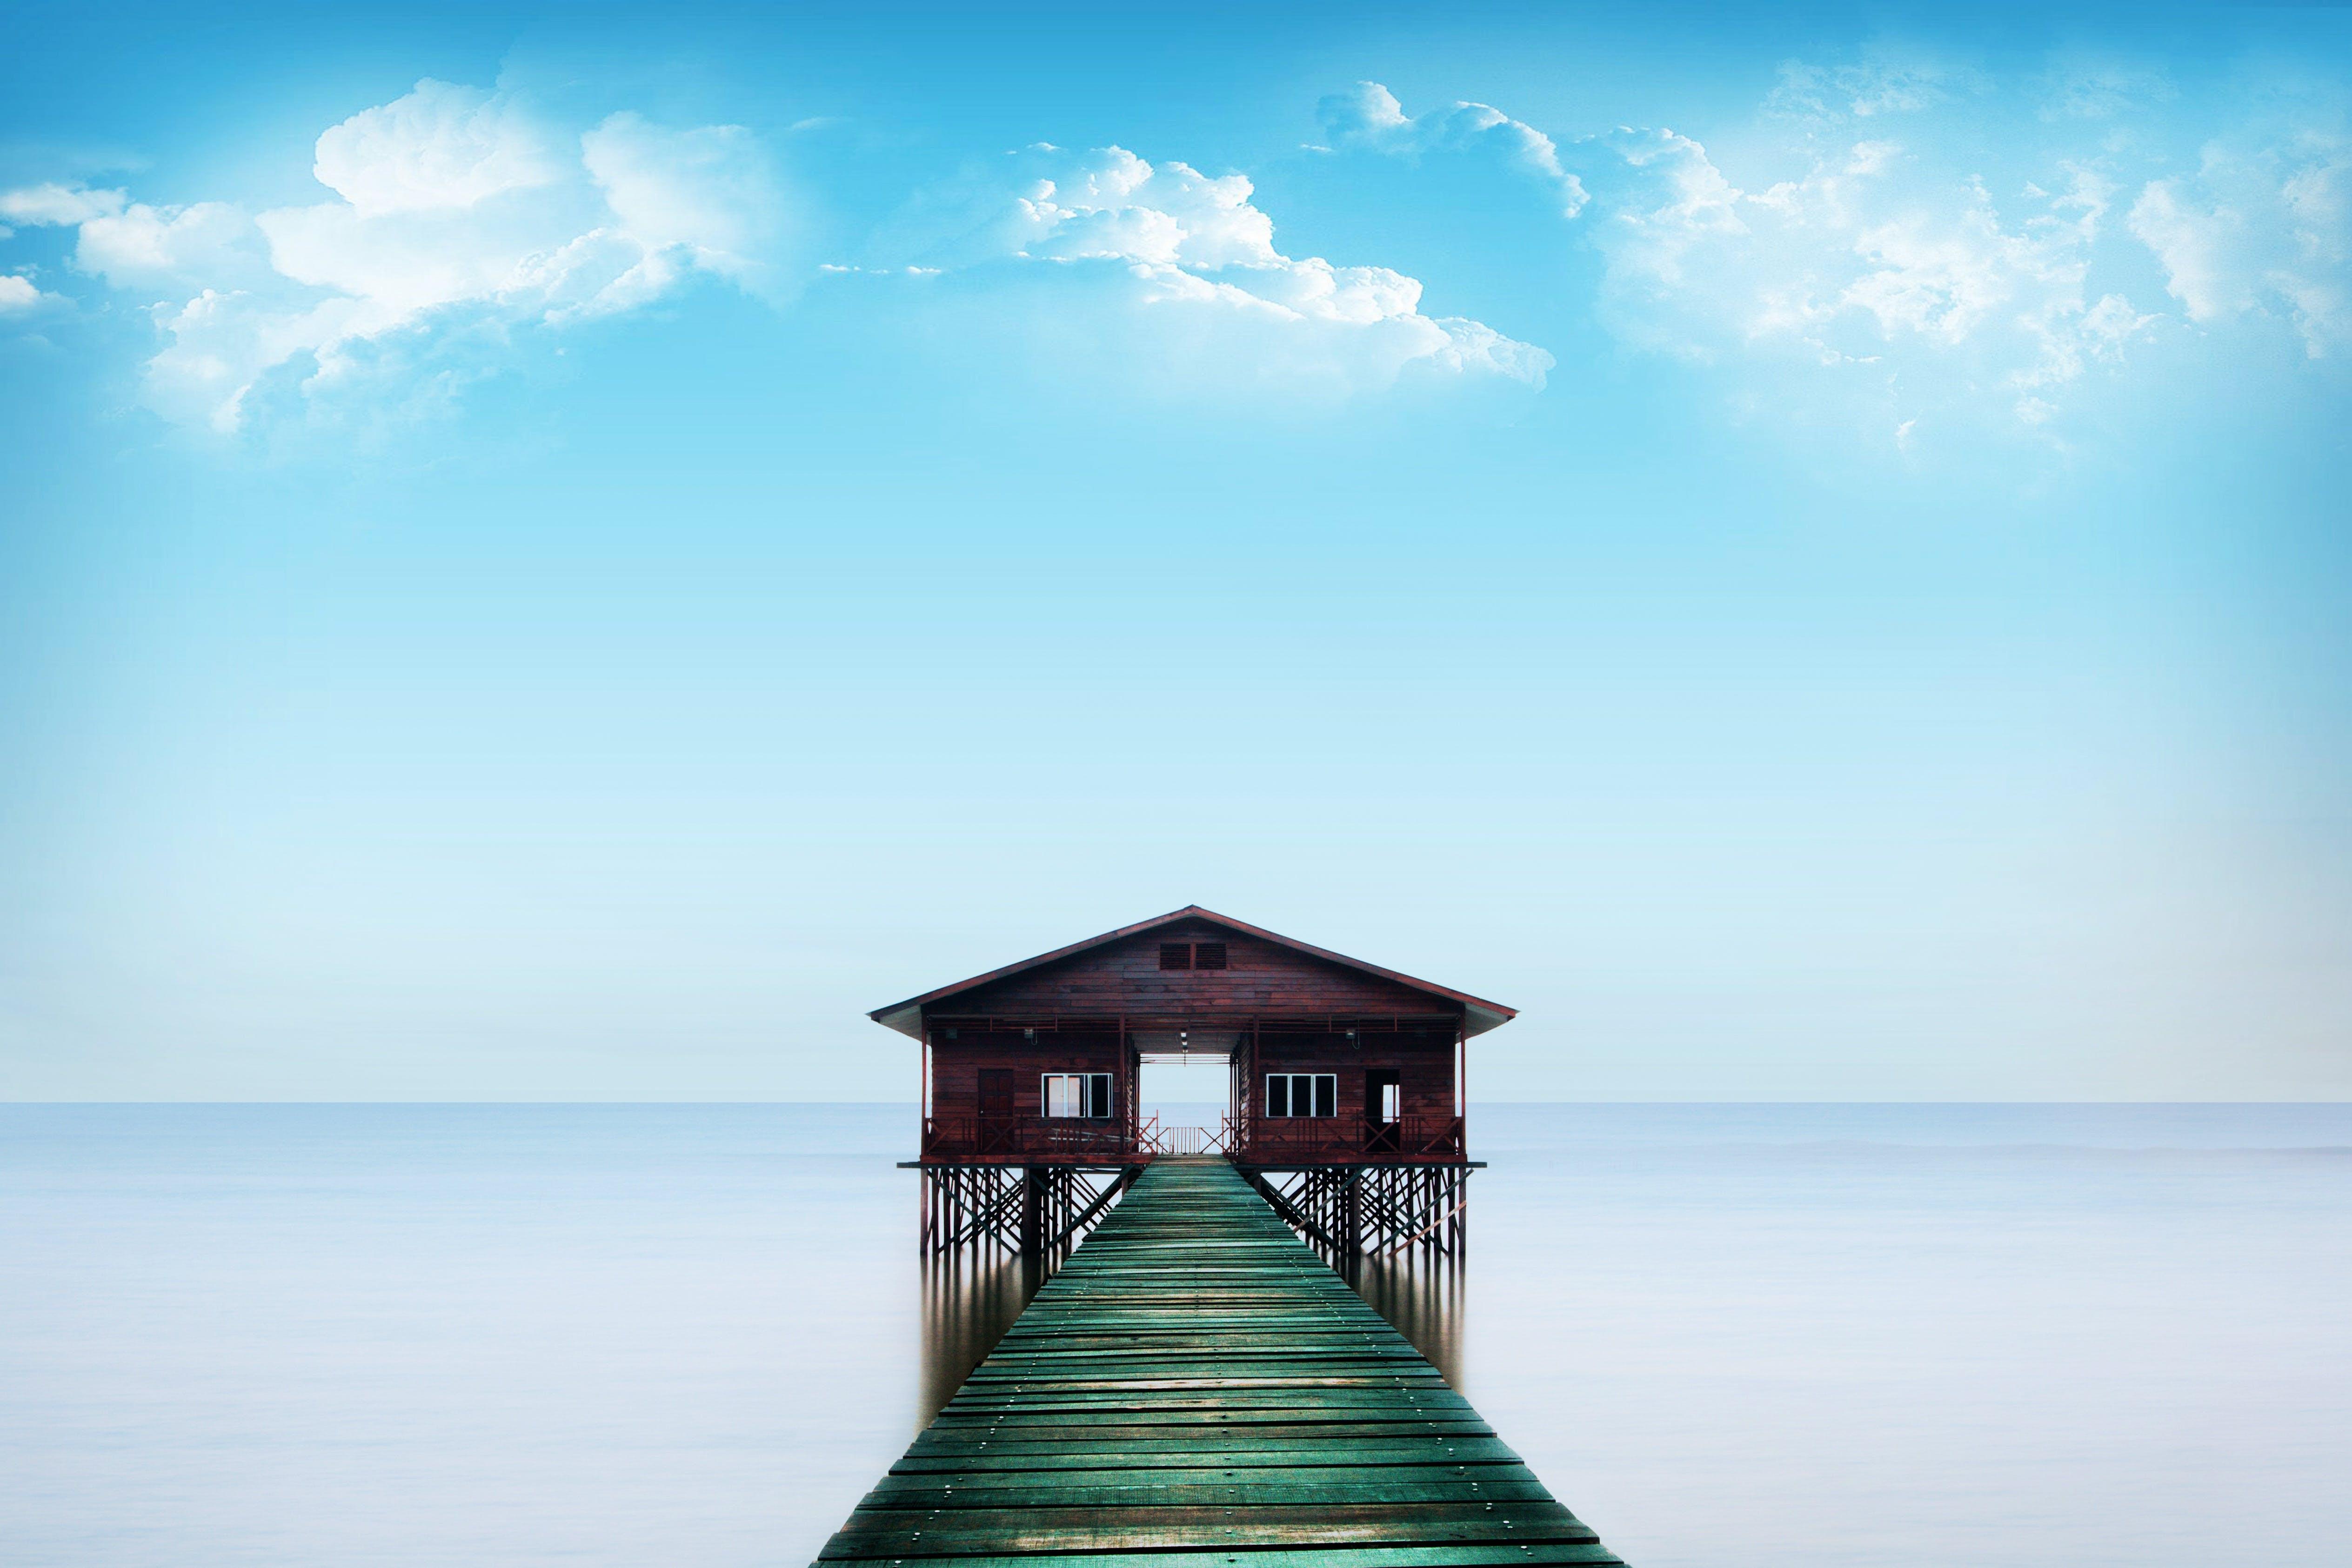 HD 바탕화면, 경치가 좋은, 구름, 목가적인의 무료 스톡 사진